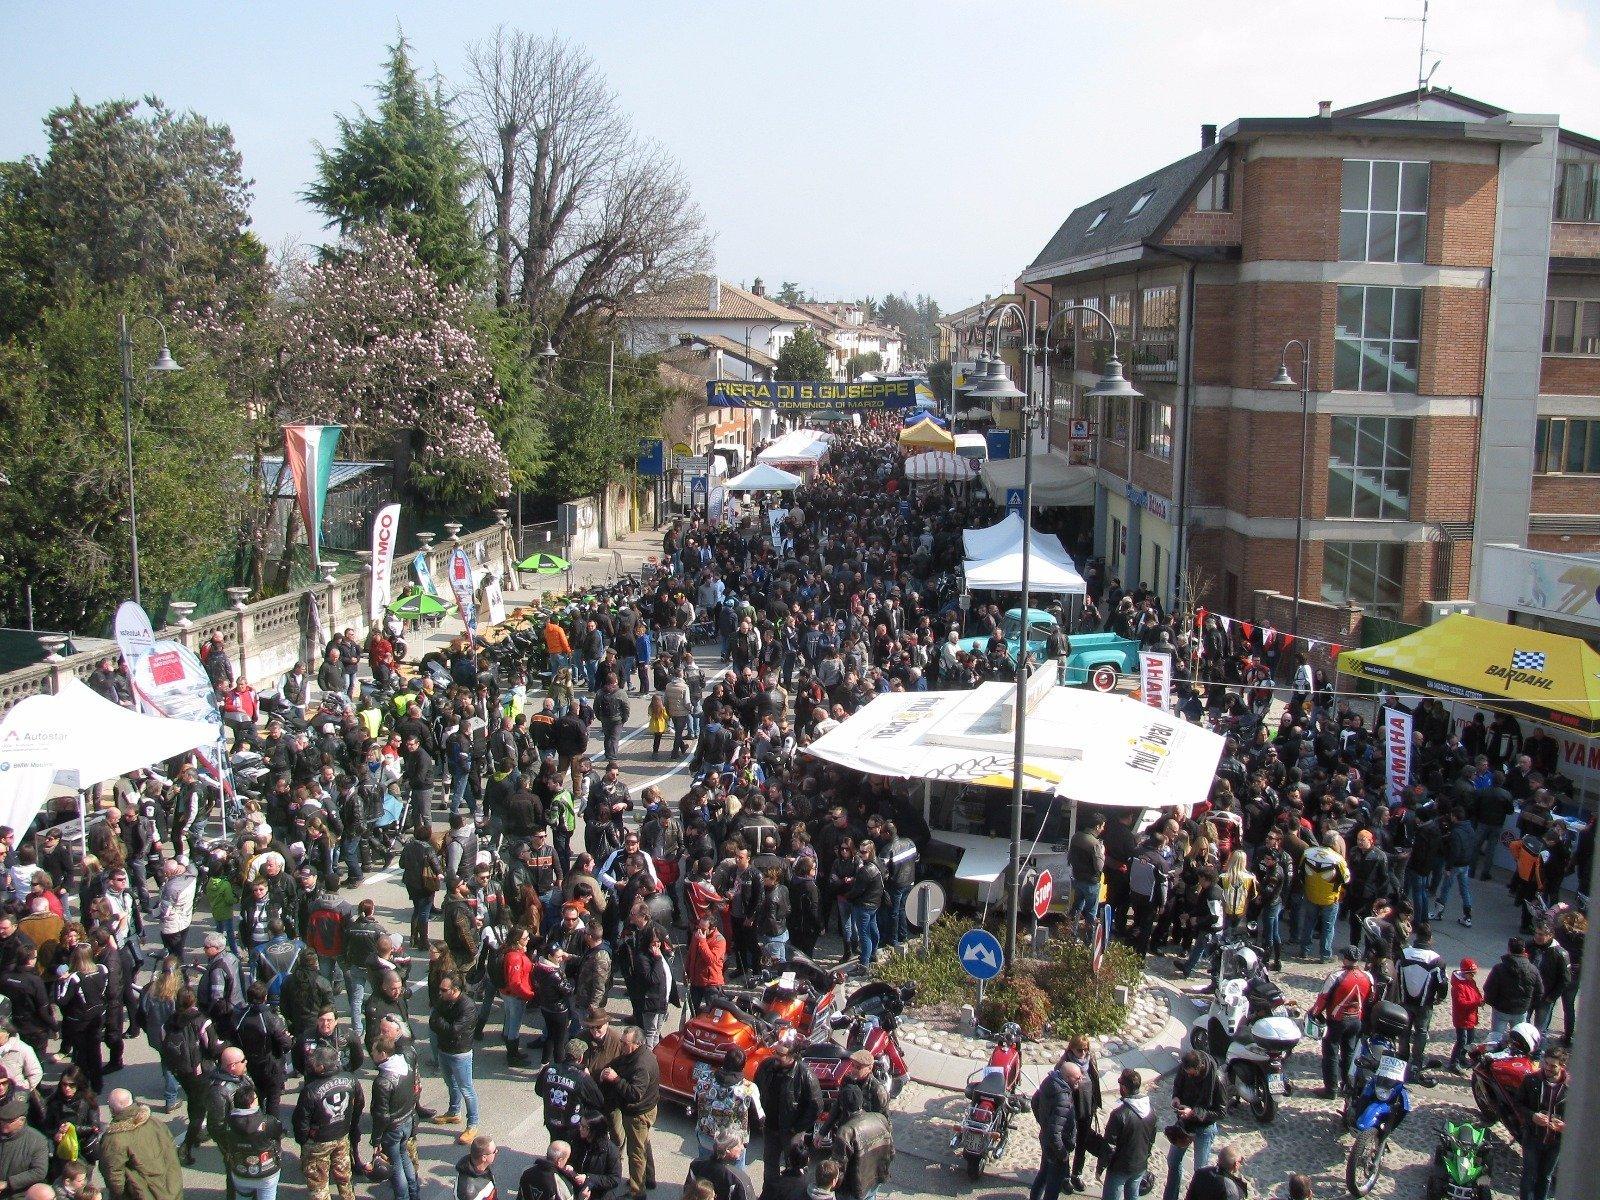 Fiera di san giuseppe 2018 a percoto anteprima sagre for Fiera udine 2017